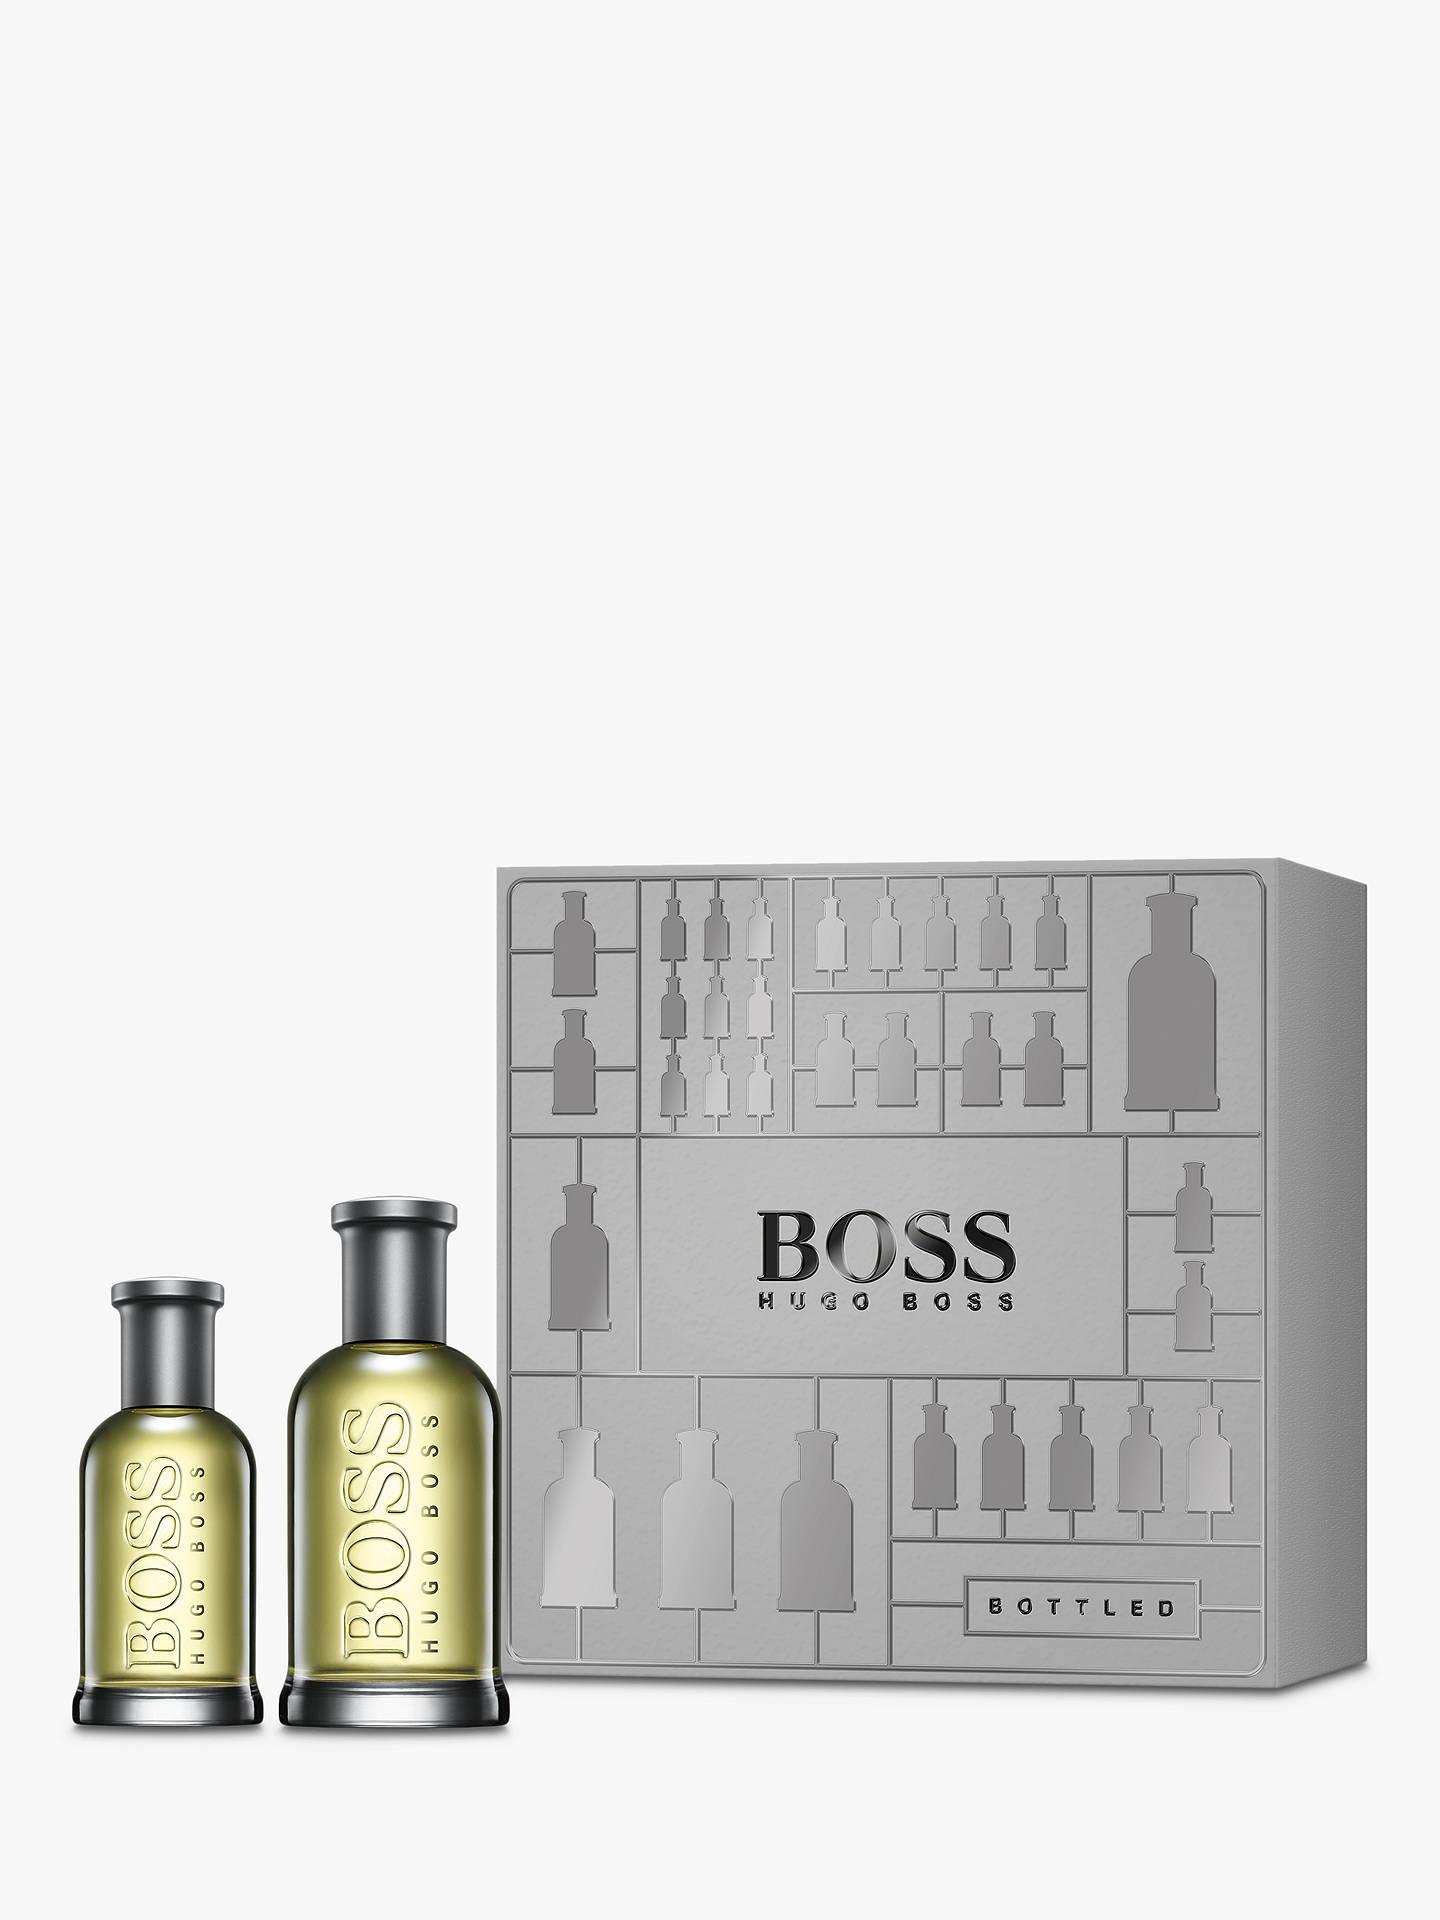 Hugo Boss Boss Bottled Eau De Toilette 100ml Fragrance Gift Set by Hugo Boss